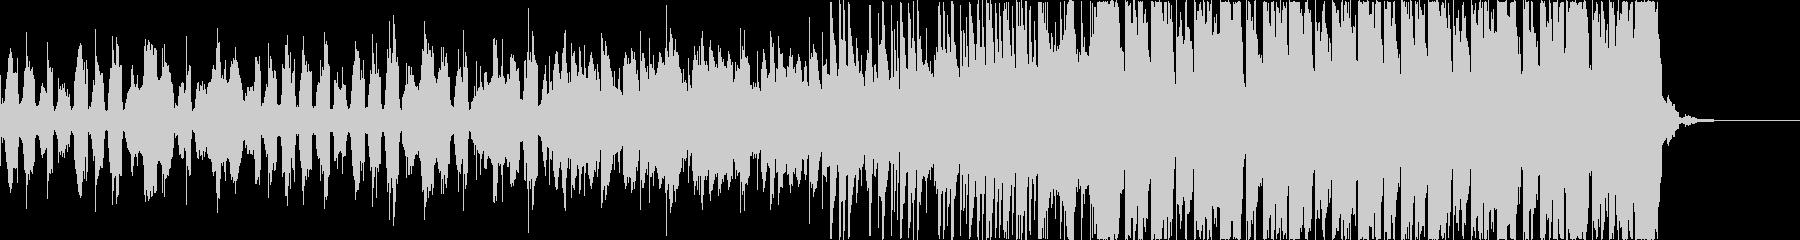 チルアウトおしゃれなトロピカルハウスbの未再生の波形